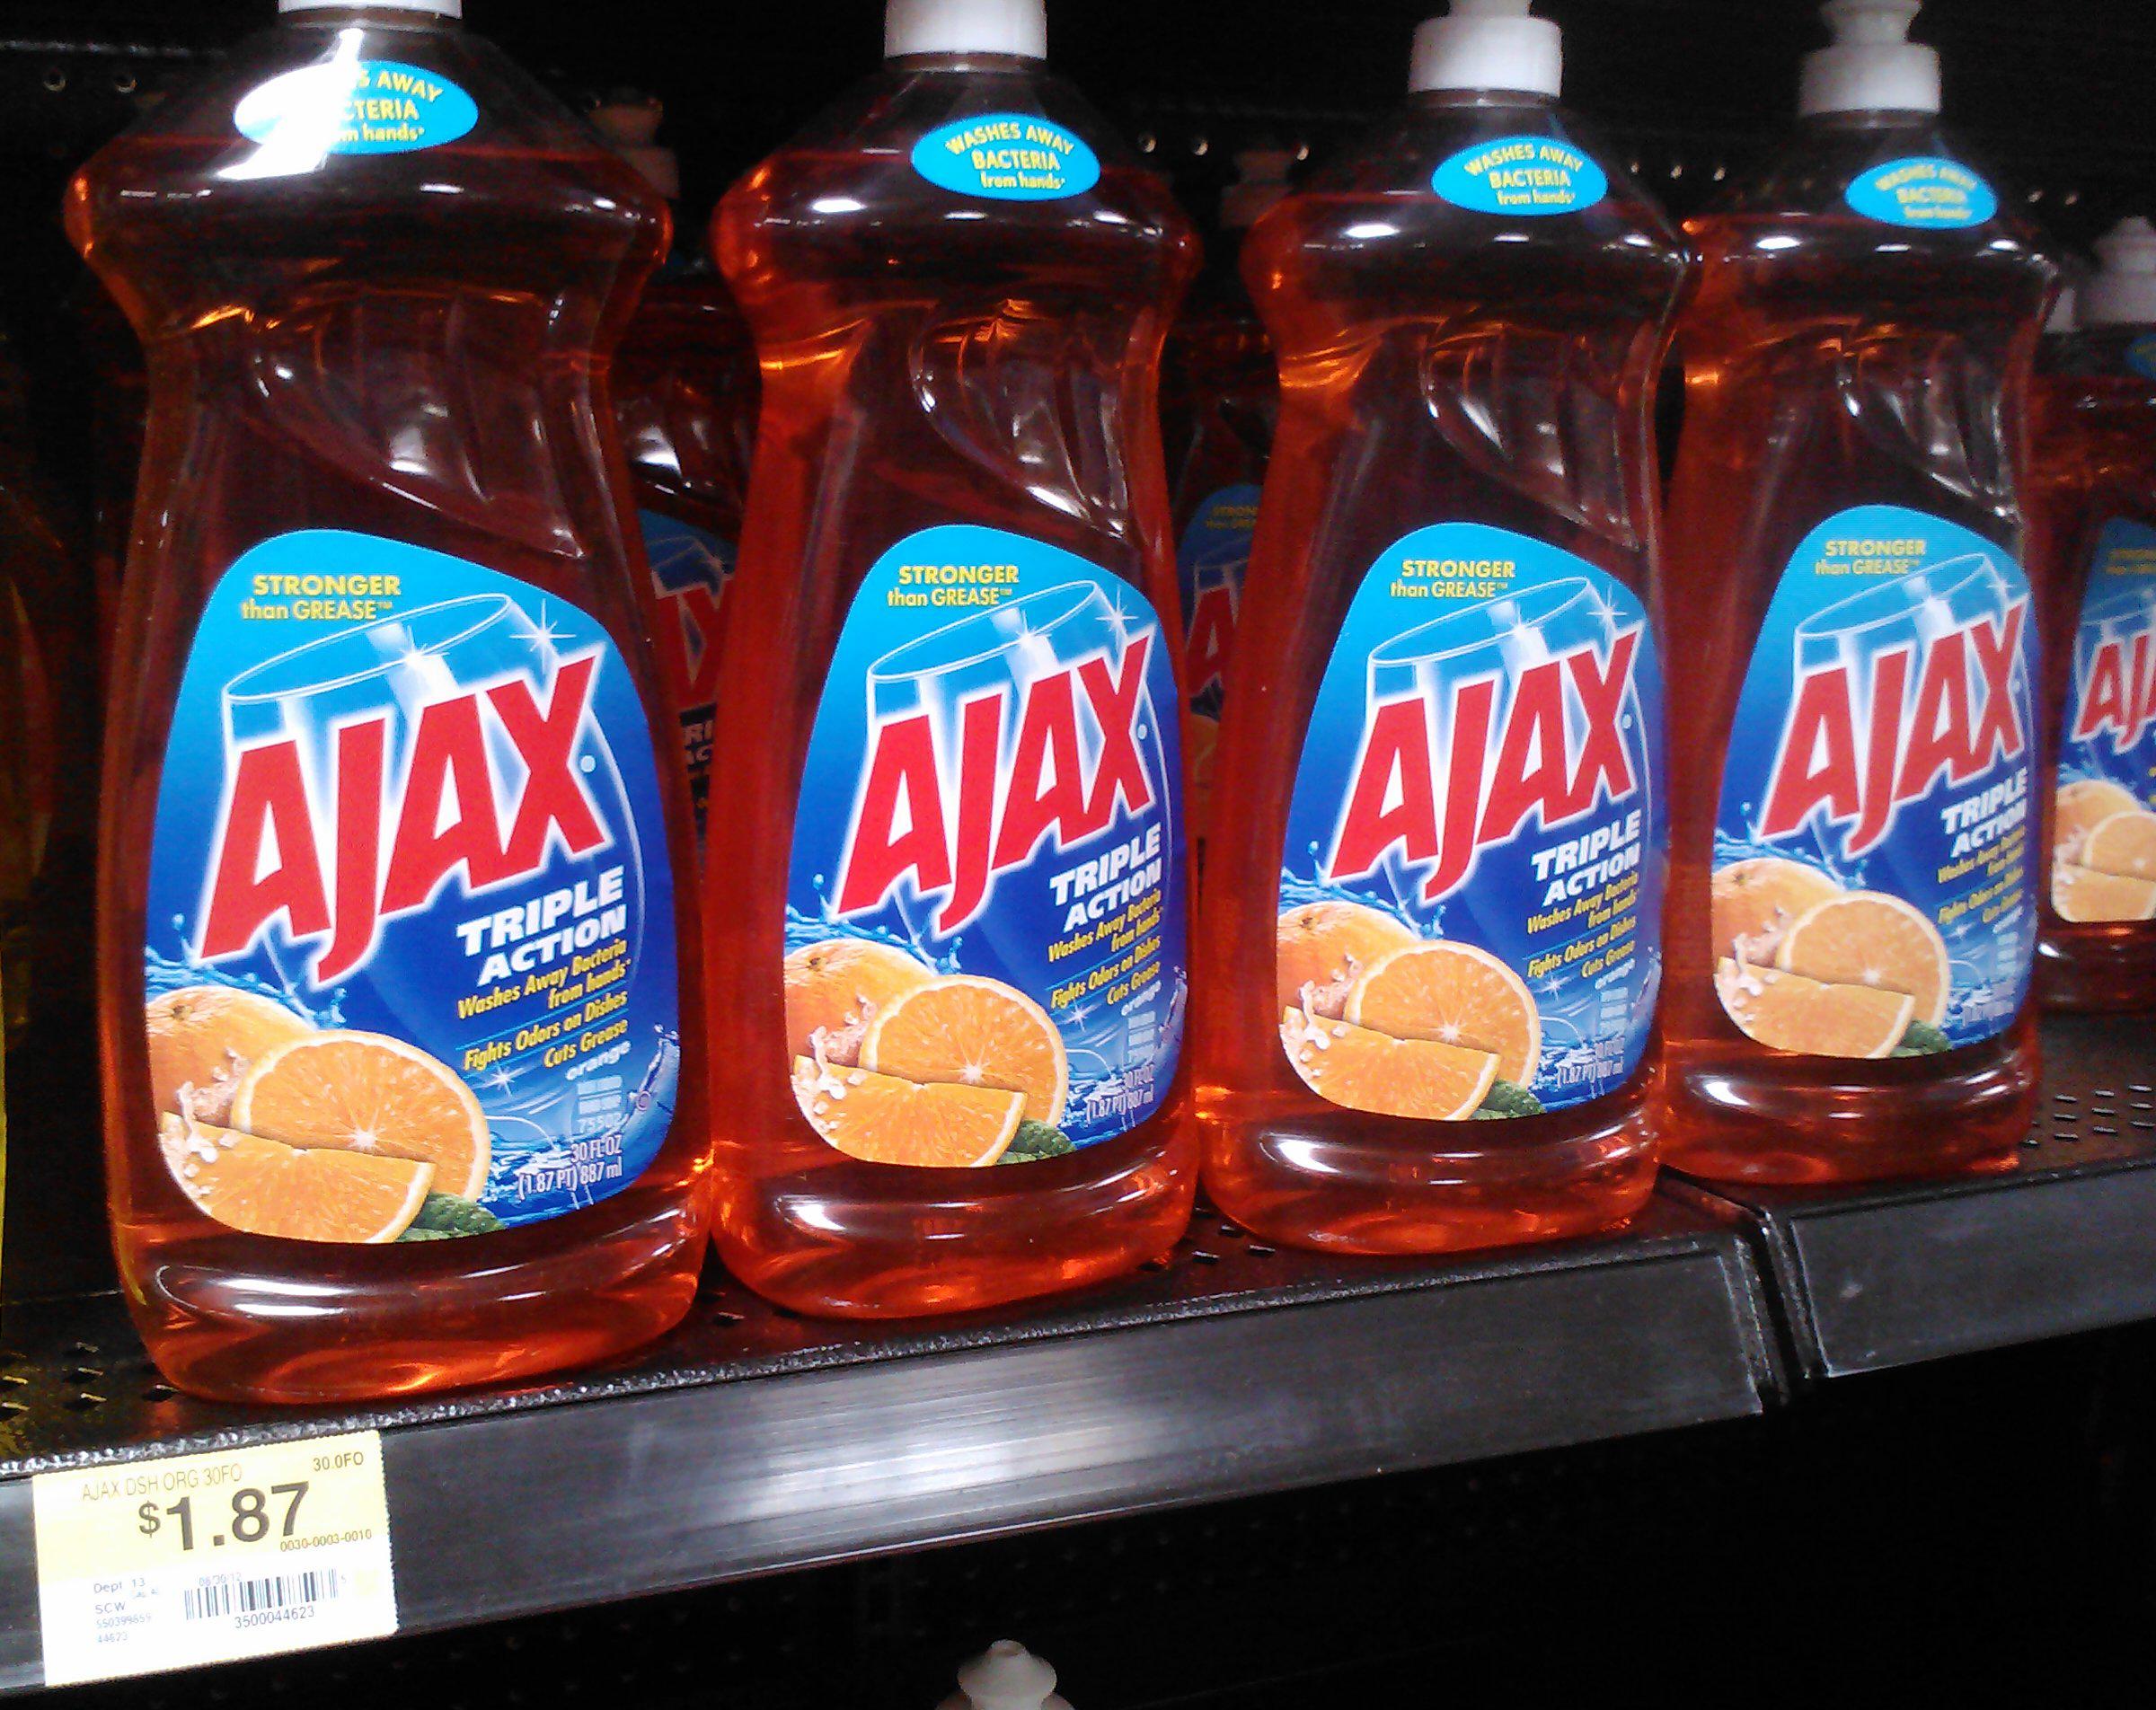 AJAX 9-26-12 (4)